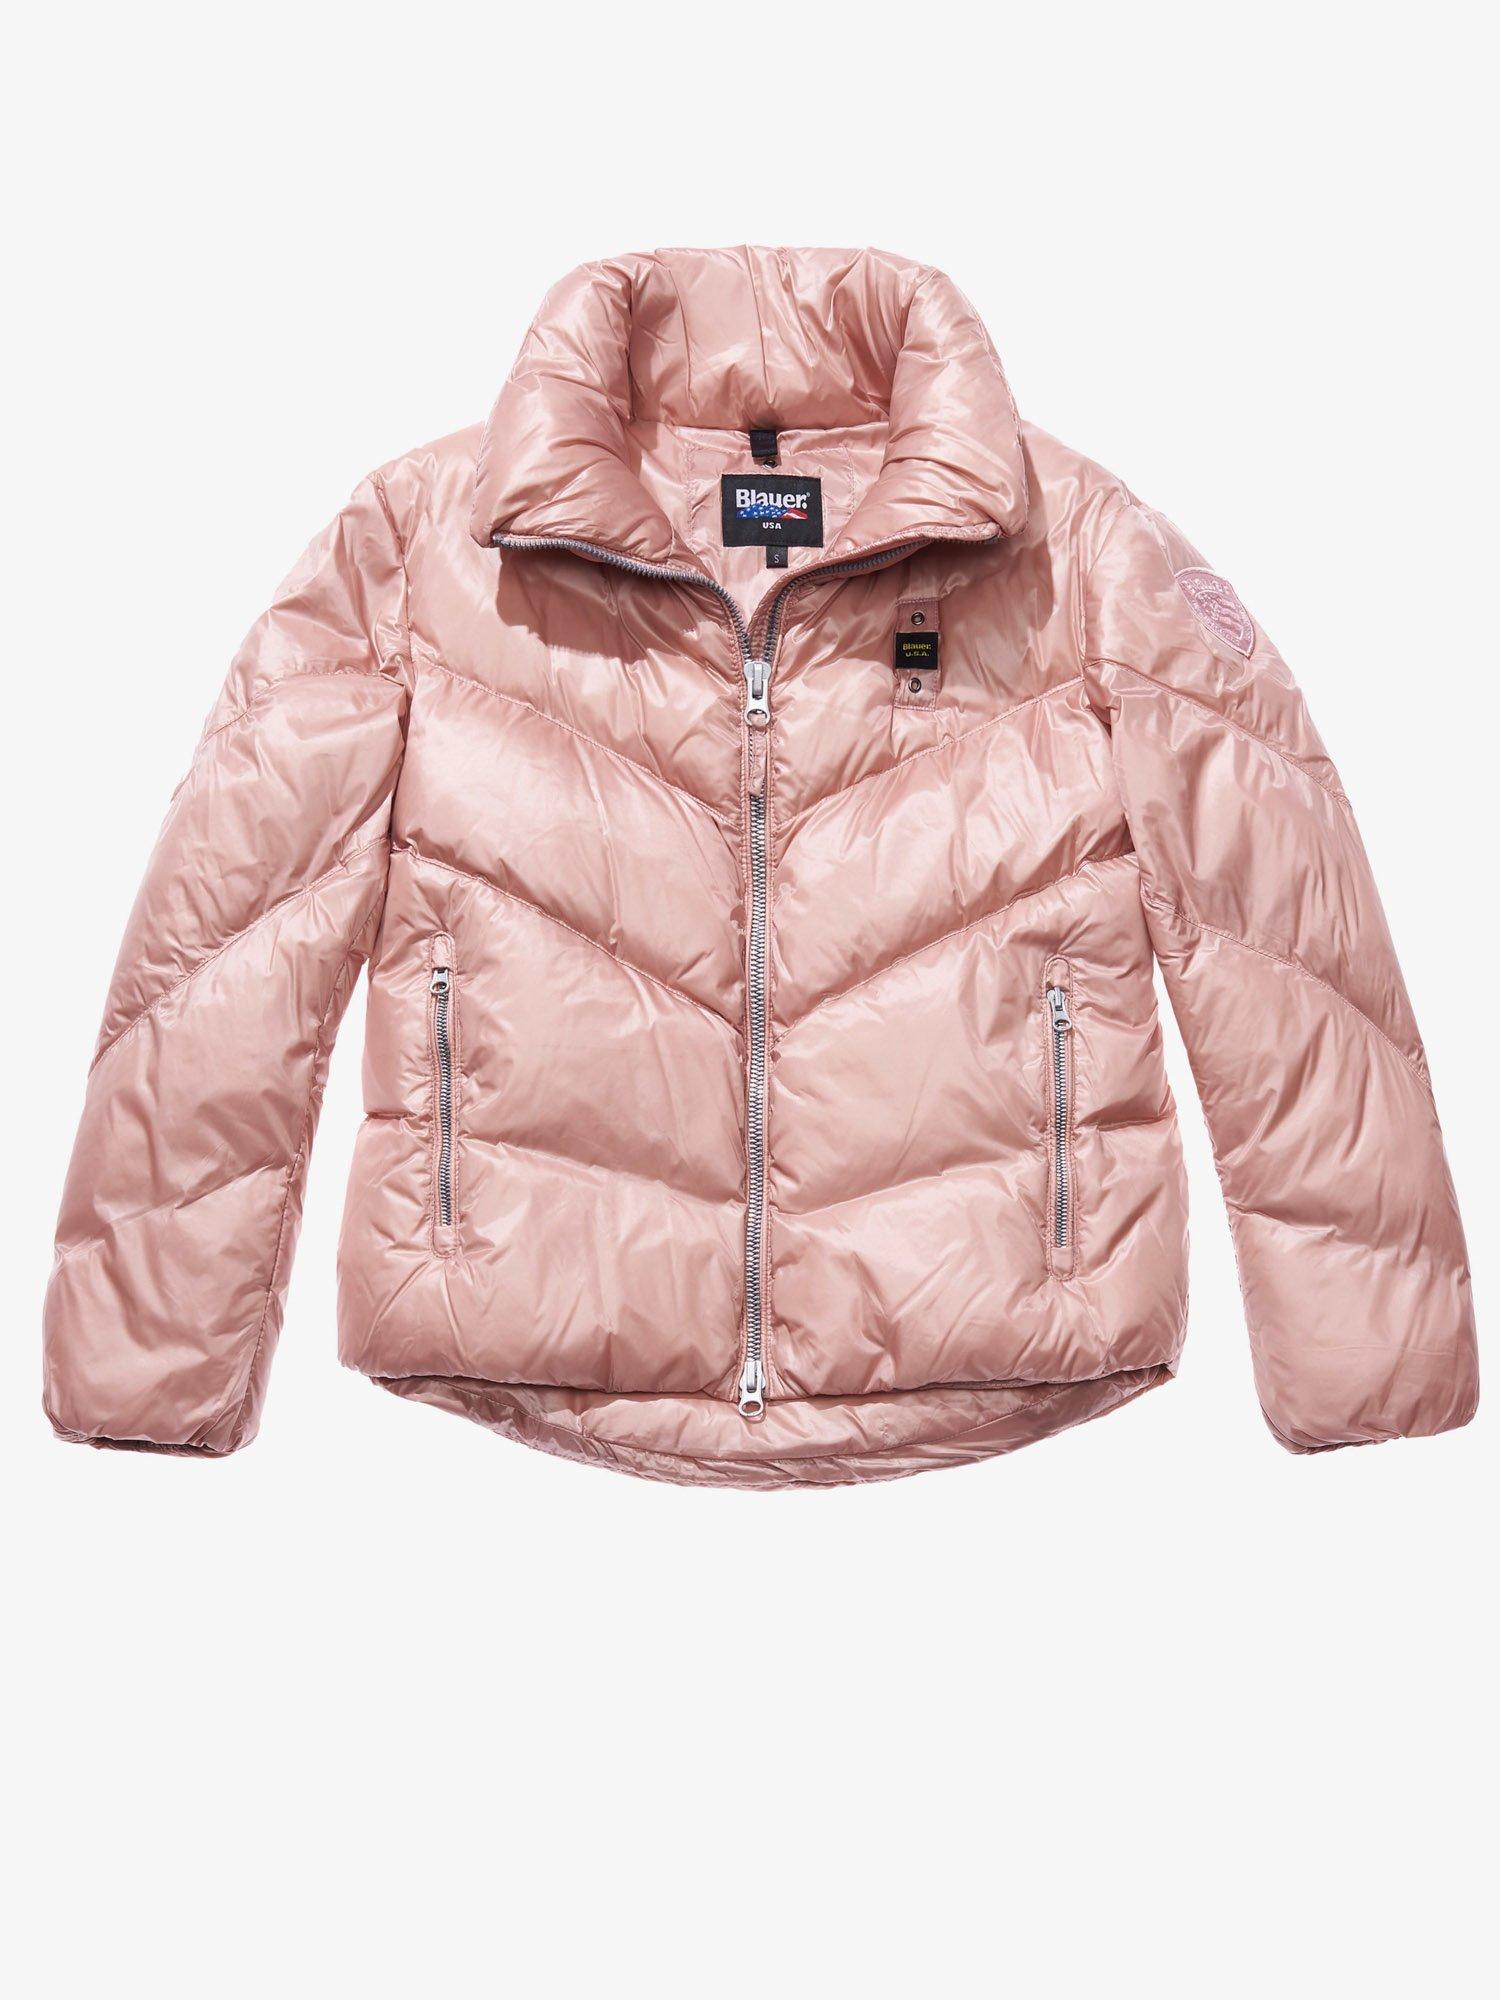 Blauer Manteaux Usa De Site Et Officiel ® Femme Vestes xCUtw5